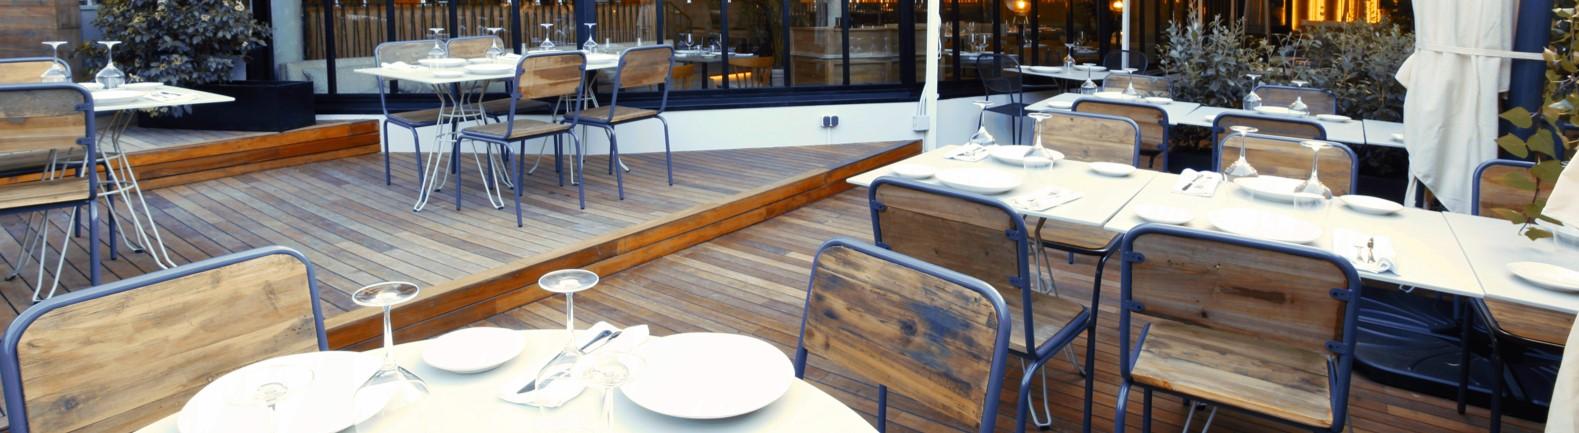 Lavaca las terrazas m s carn voras nuevos espacios para - Cousi interiorismo ...